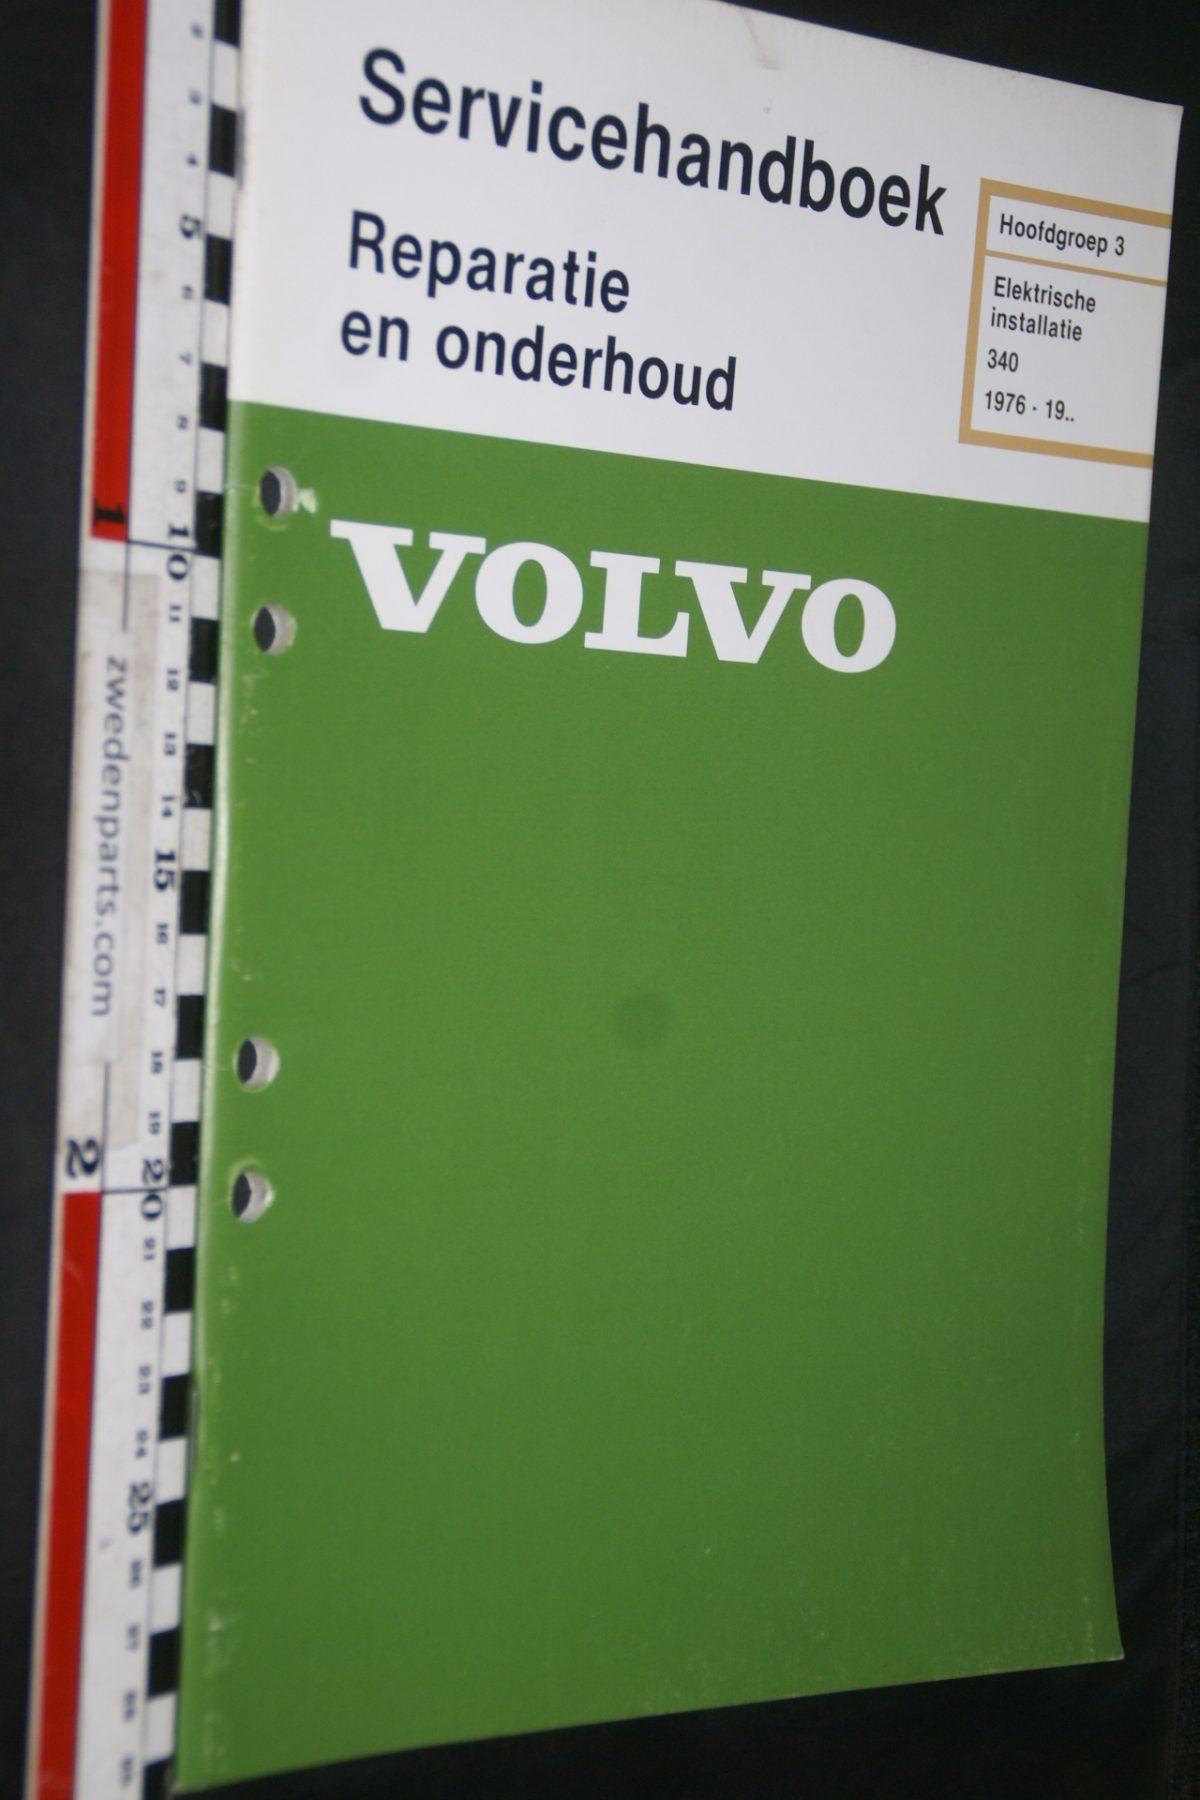 DSC06834 1981 origineel Volvo 343 servicehandboek 3 electrische installatie 1 van 800 TP 35074-1